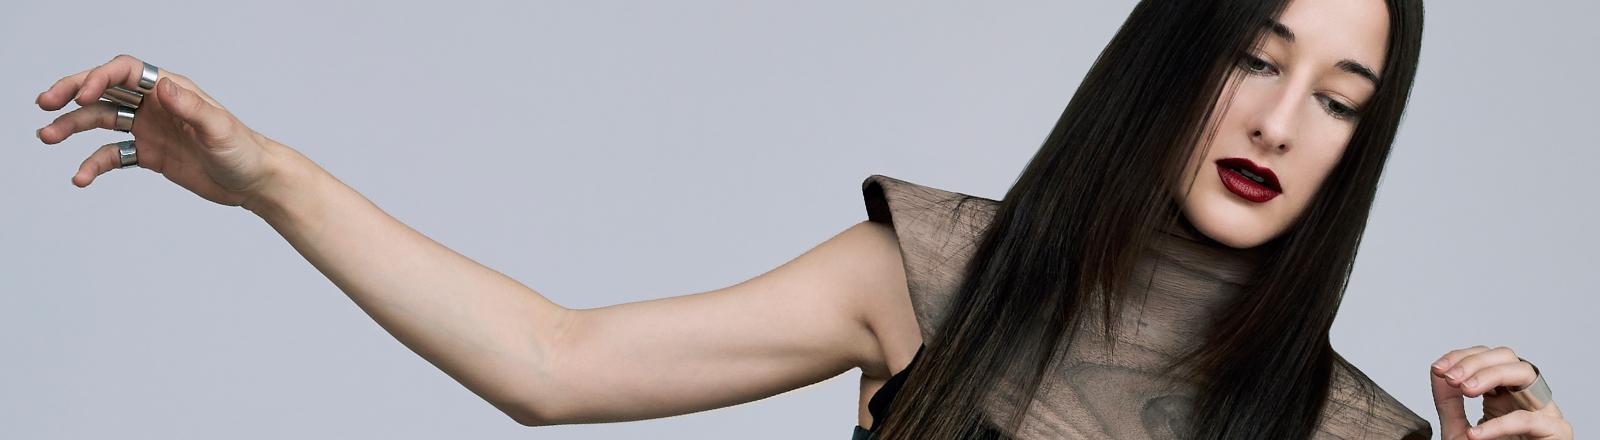 Die Sängerin Zola Jesus auf einem Pressefoto.